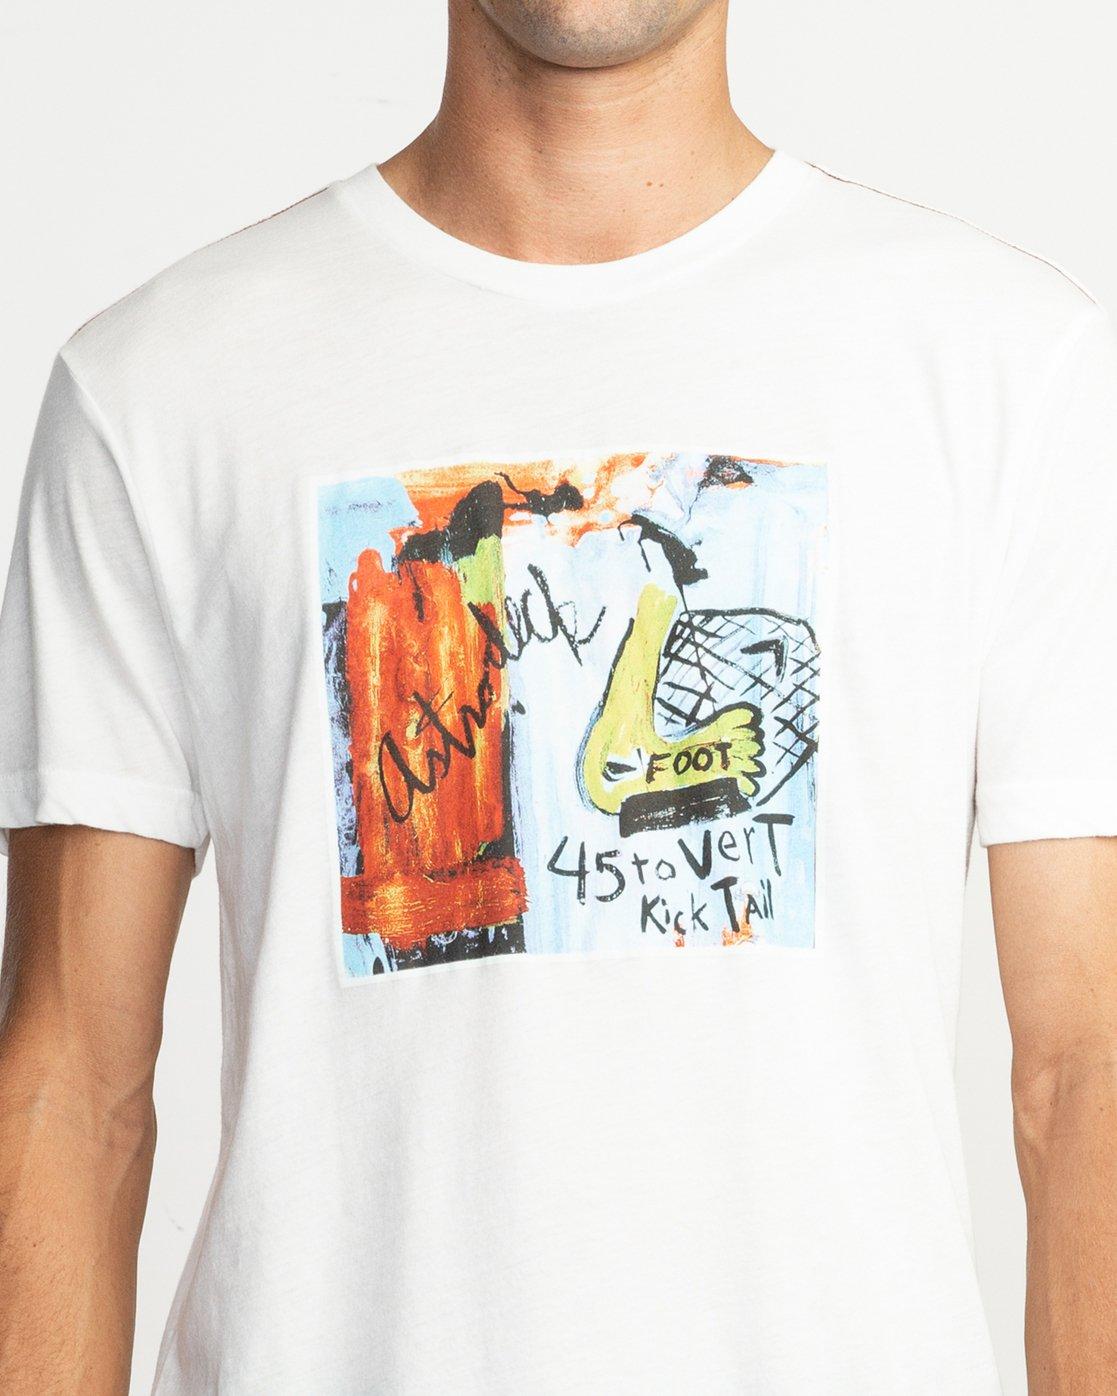 5 Kick Tail- T-Shirt à manches courtes pour Homme Blanc N1SSRHRVP9 RVCA